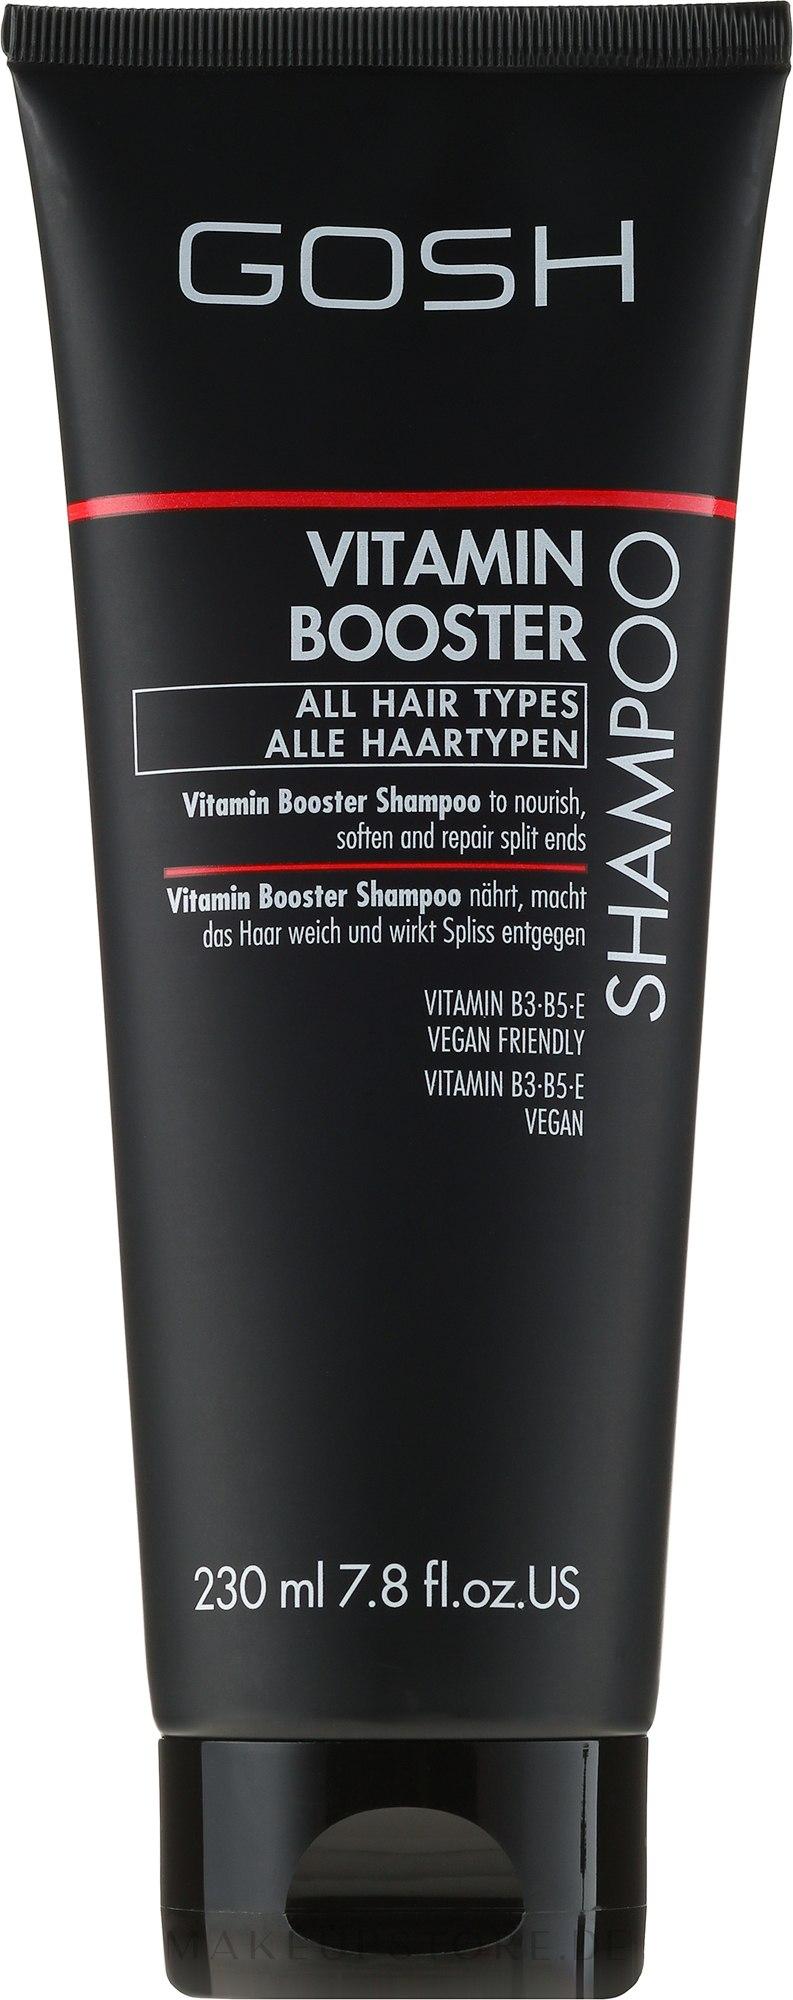 Nährendes Shampoo für strapaziertes Haar mit Vataminen - Gosh Vitamin Booster — Bild 230 ml